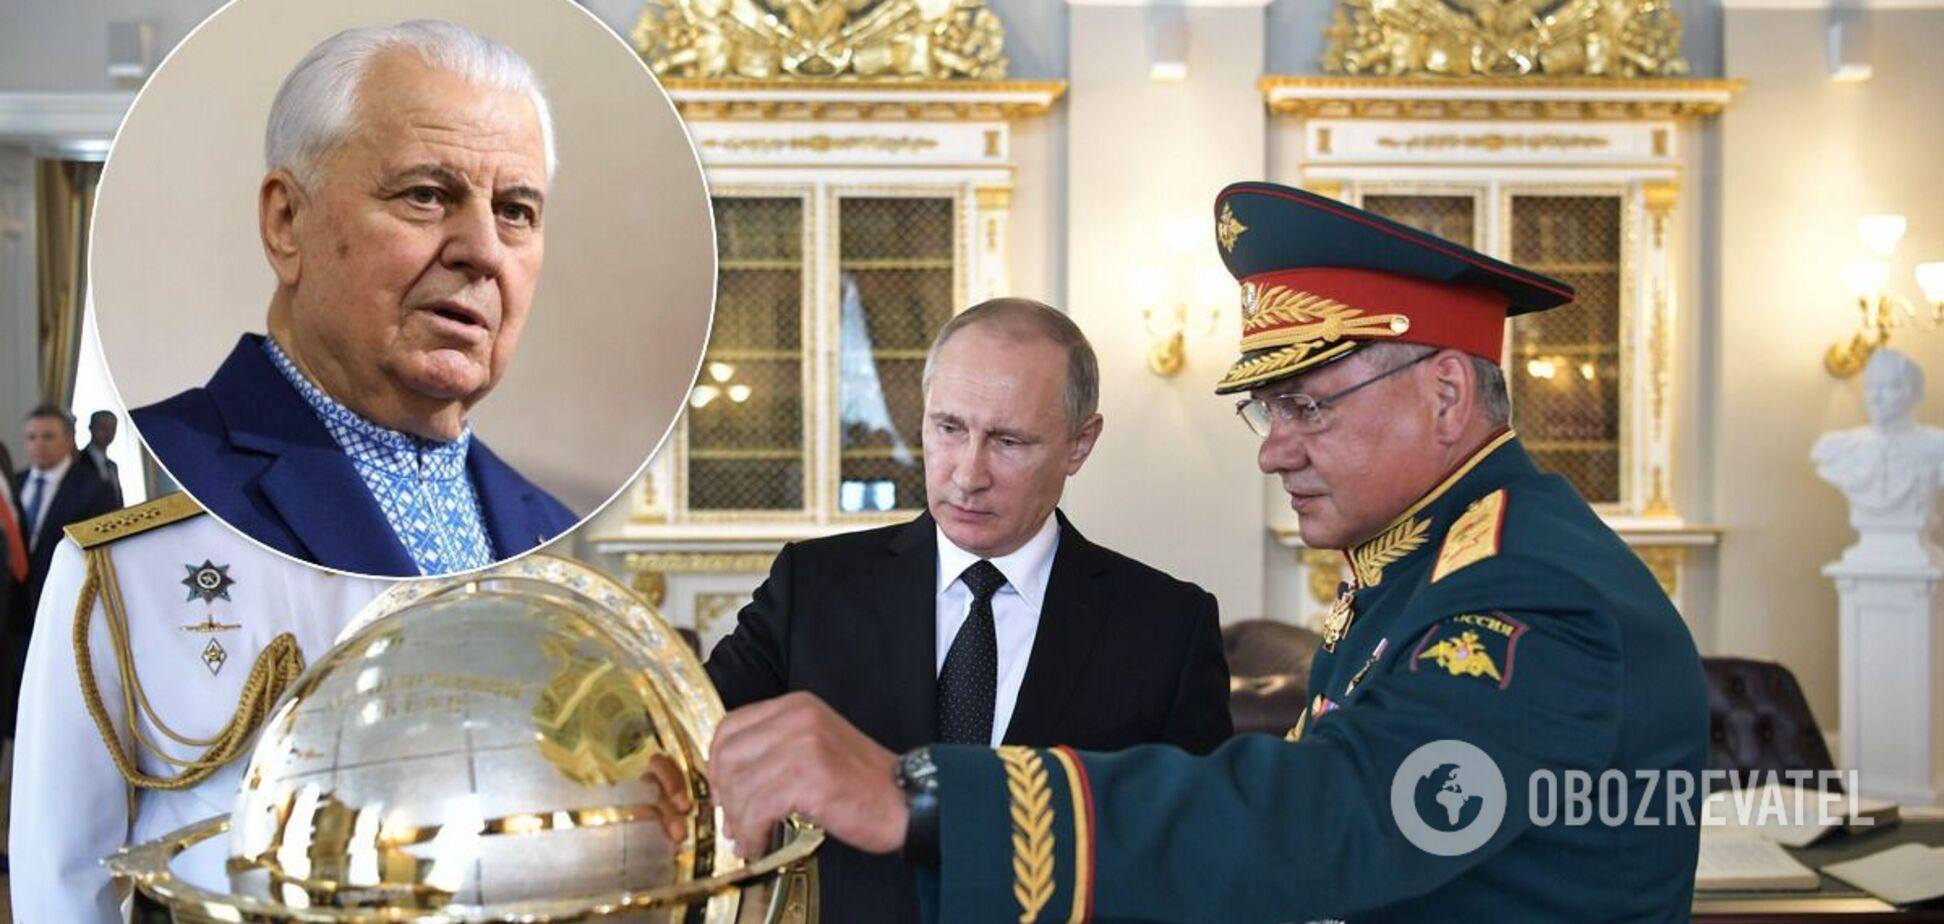 Кравчук назвал способы давления на Россию: премьера программы OBOZREVATEL